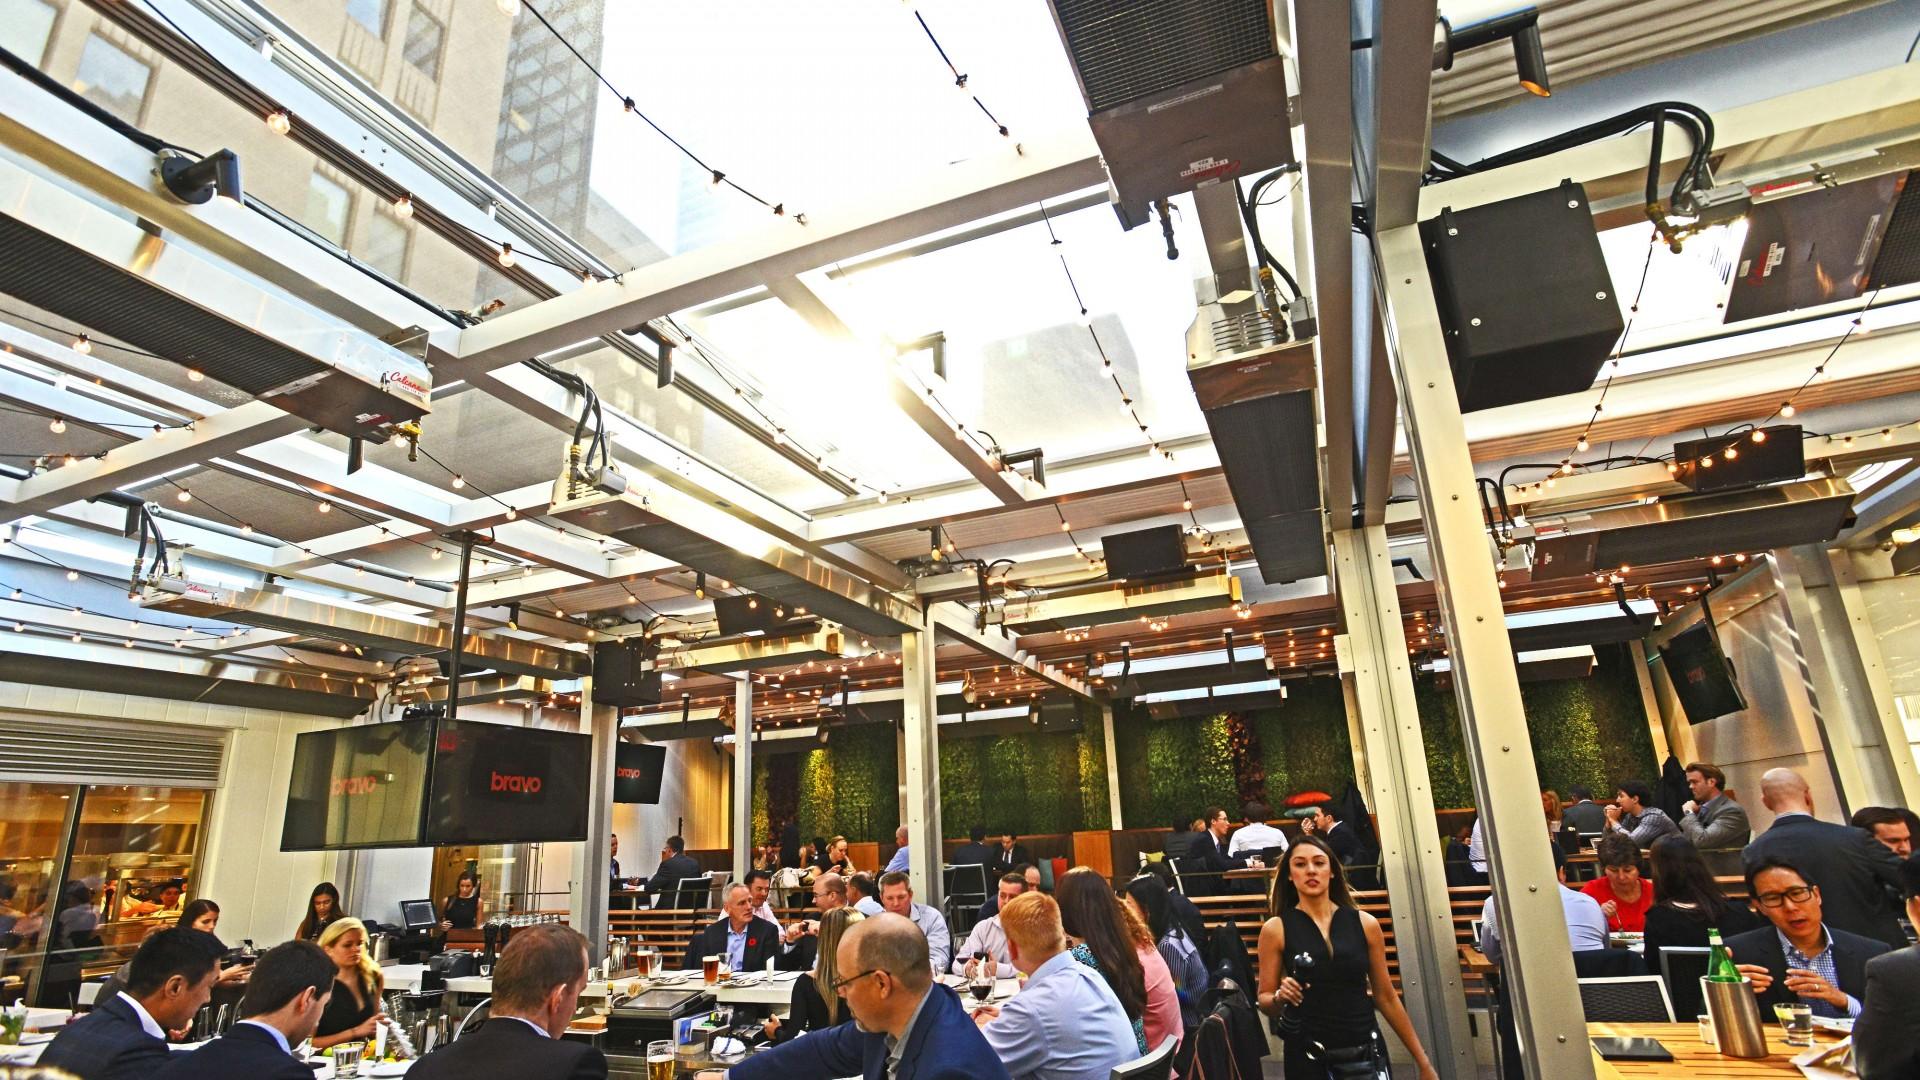 Cactus Club Café